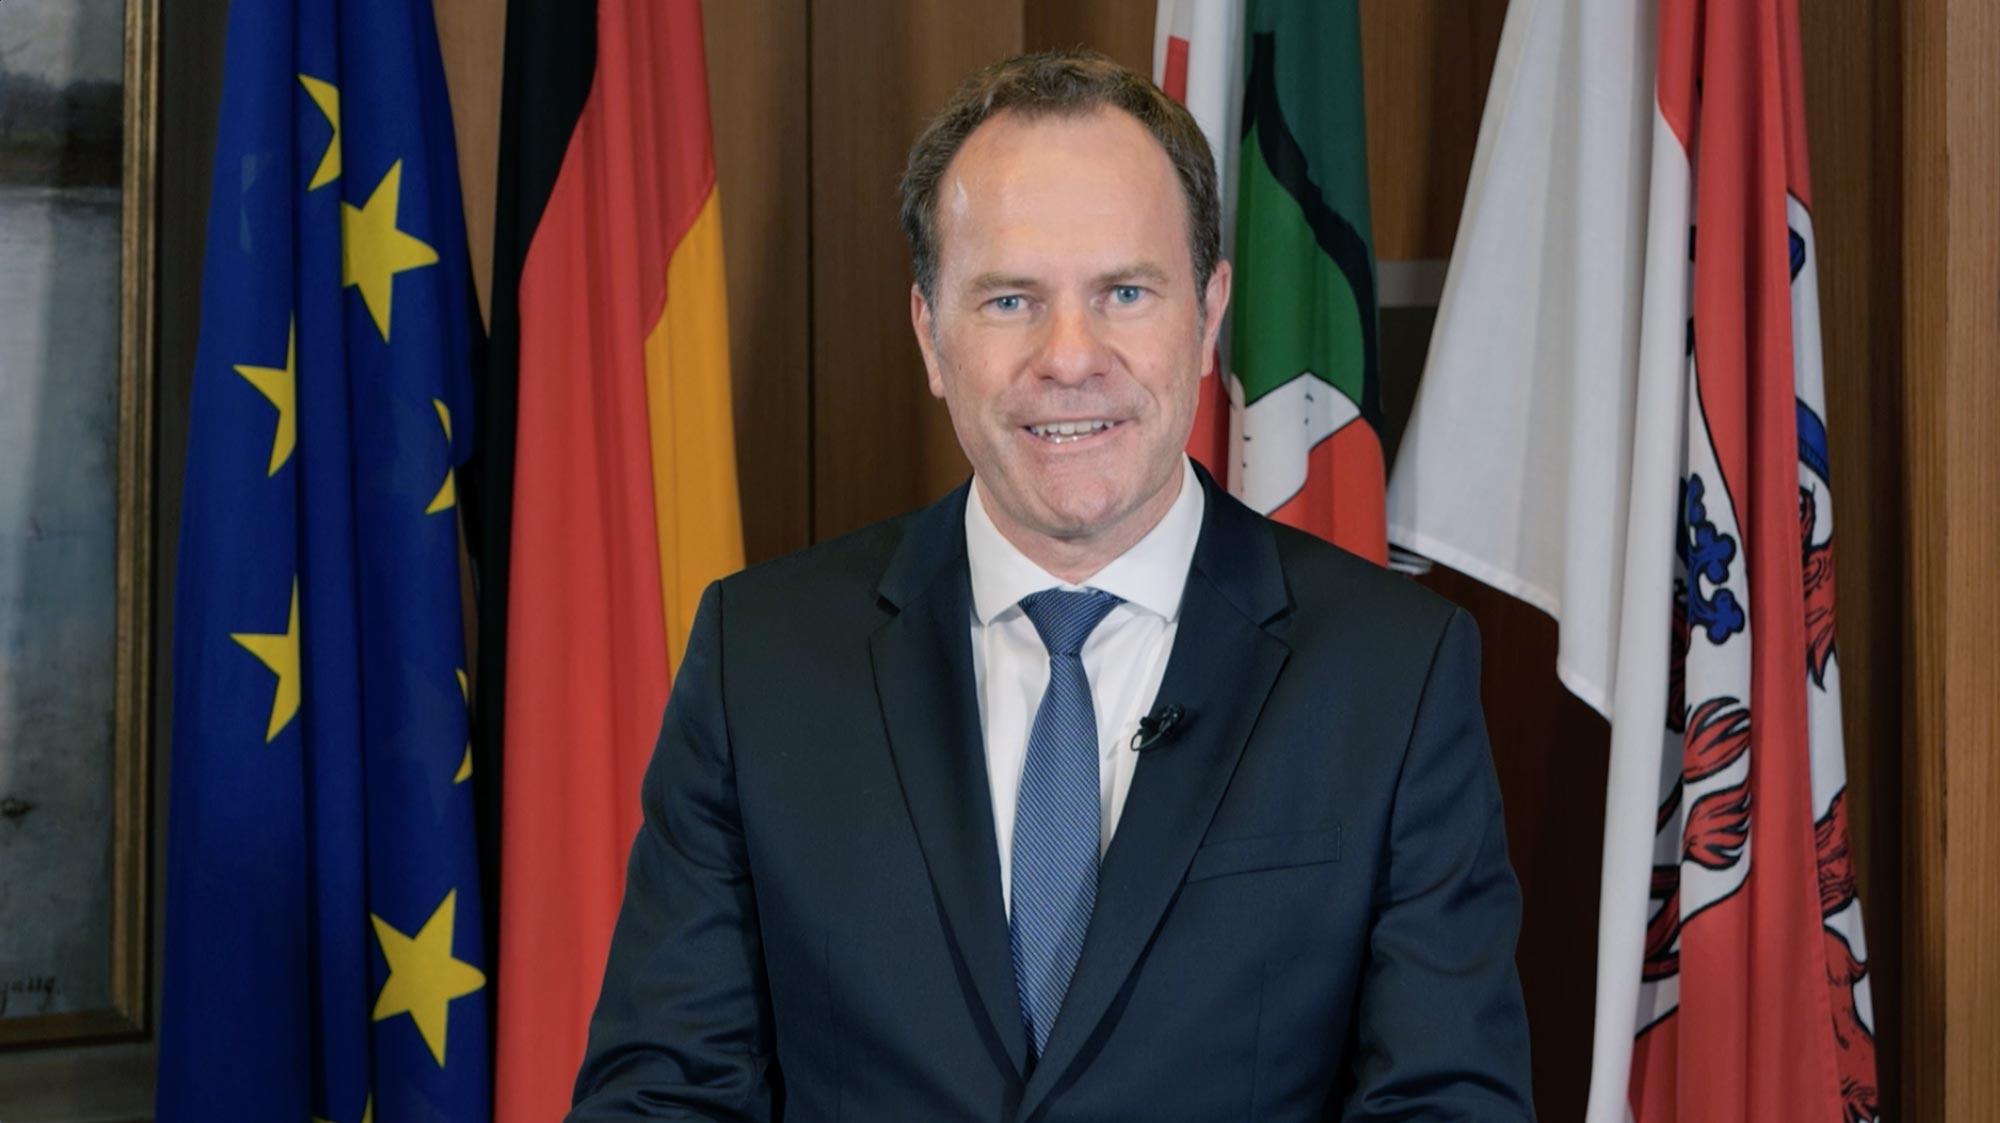 video-greeting-mayor-duesseldorf-keller-mimo-sde21-22